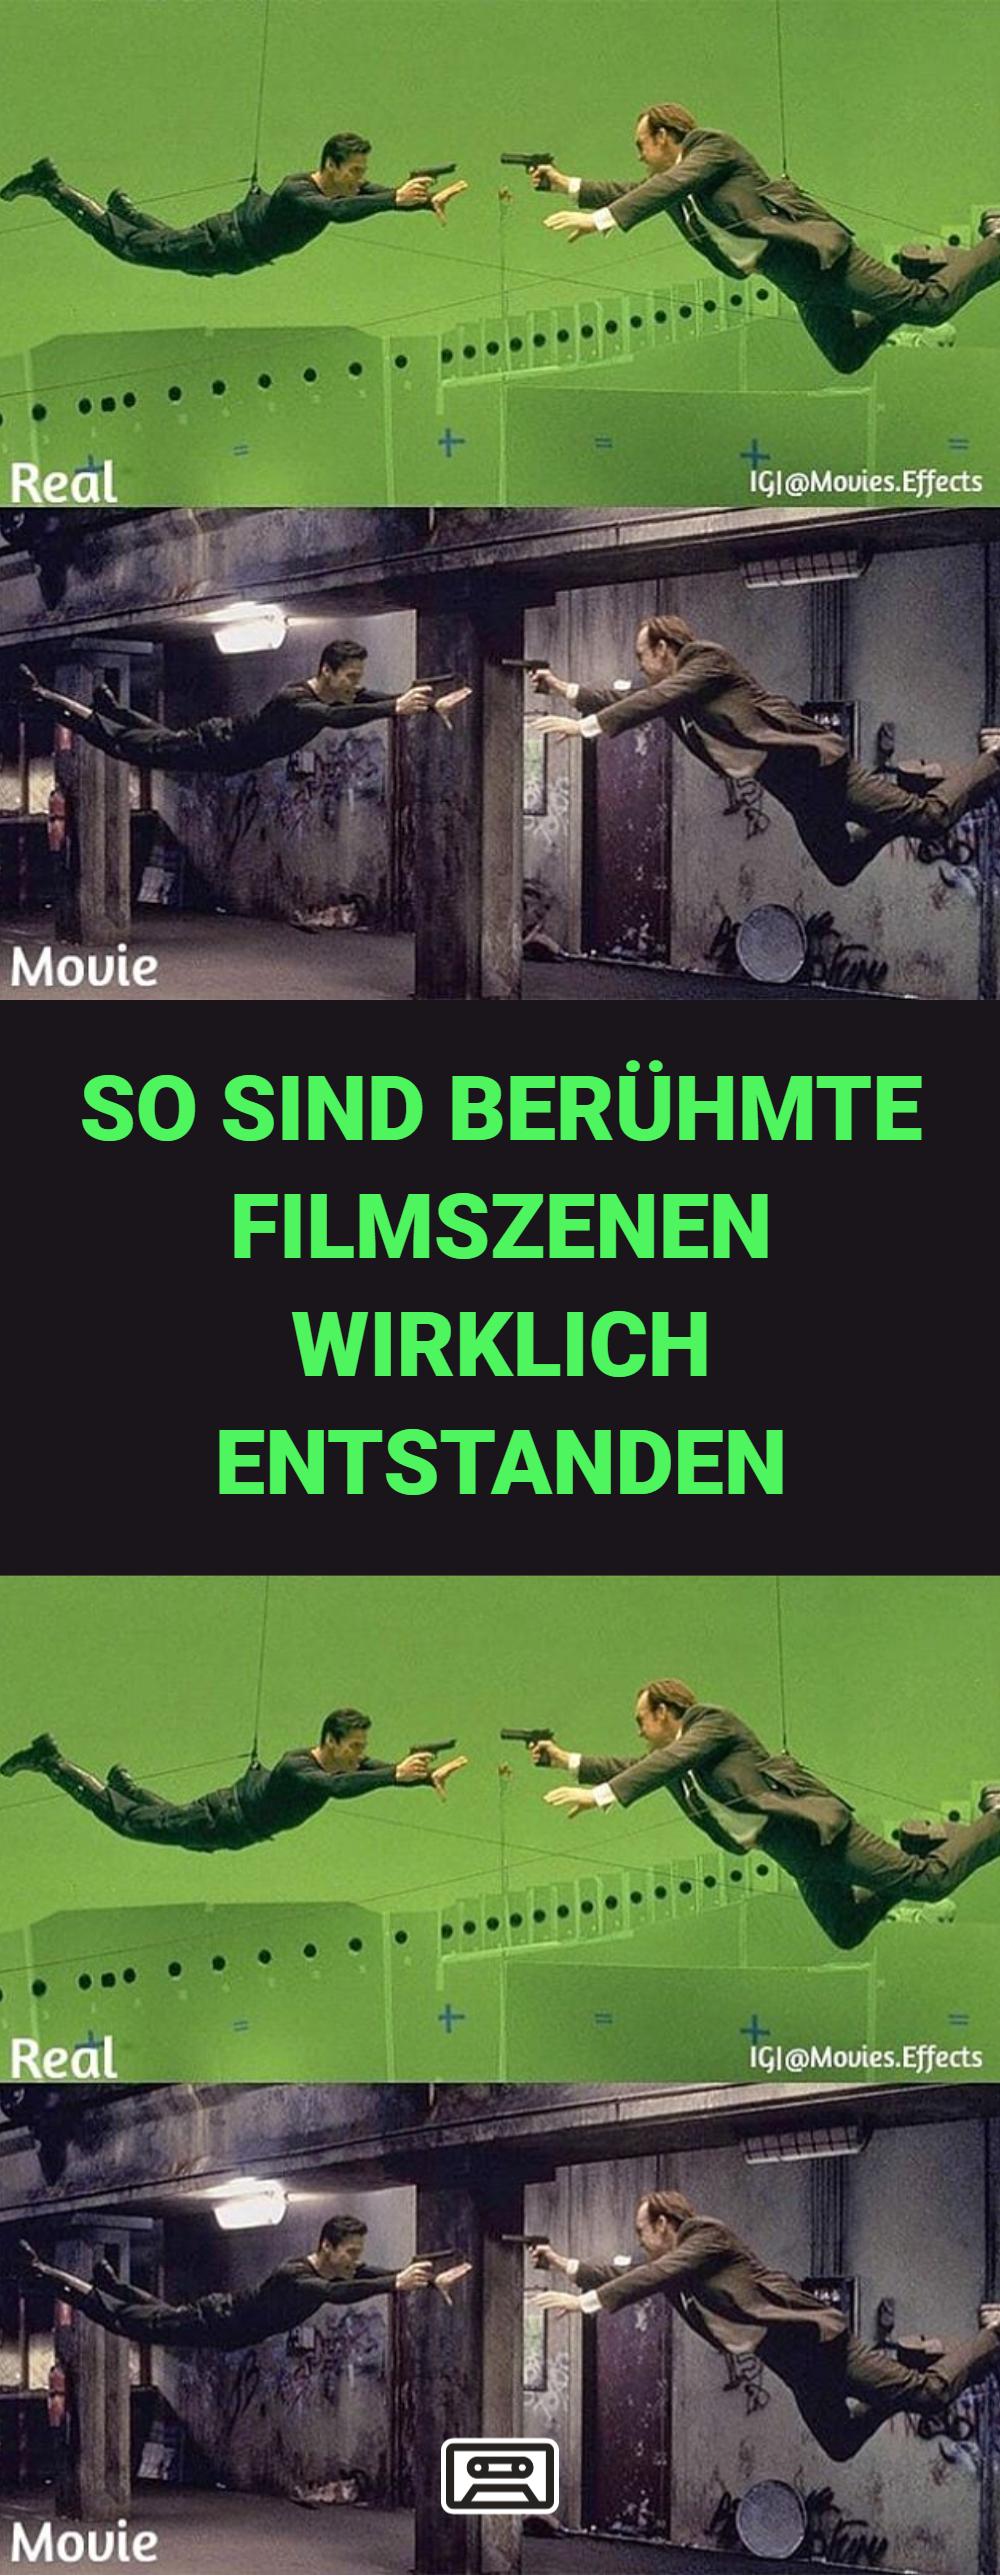 Ein Spannender Blick Hinter Die Kamera So Sind Beruhmte Filmszenen Wirklich Entstanden Filmszene Beruhmtefilmszenen Filme Gute Netflix Filme Filme Sehen